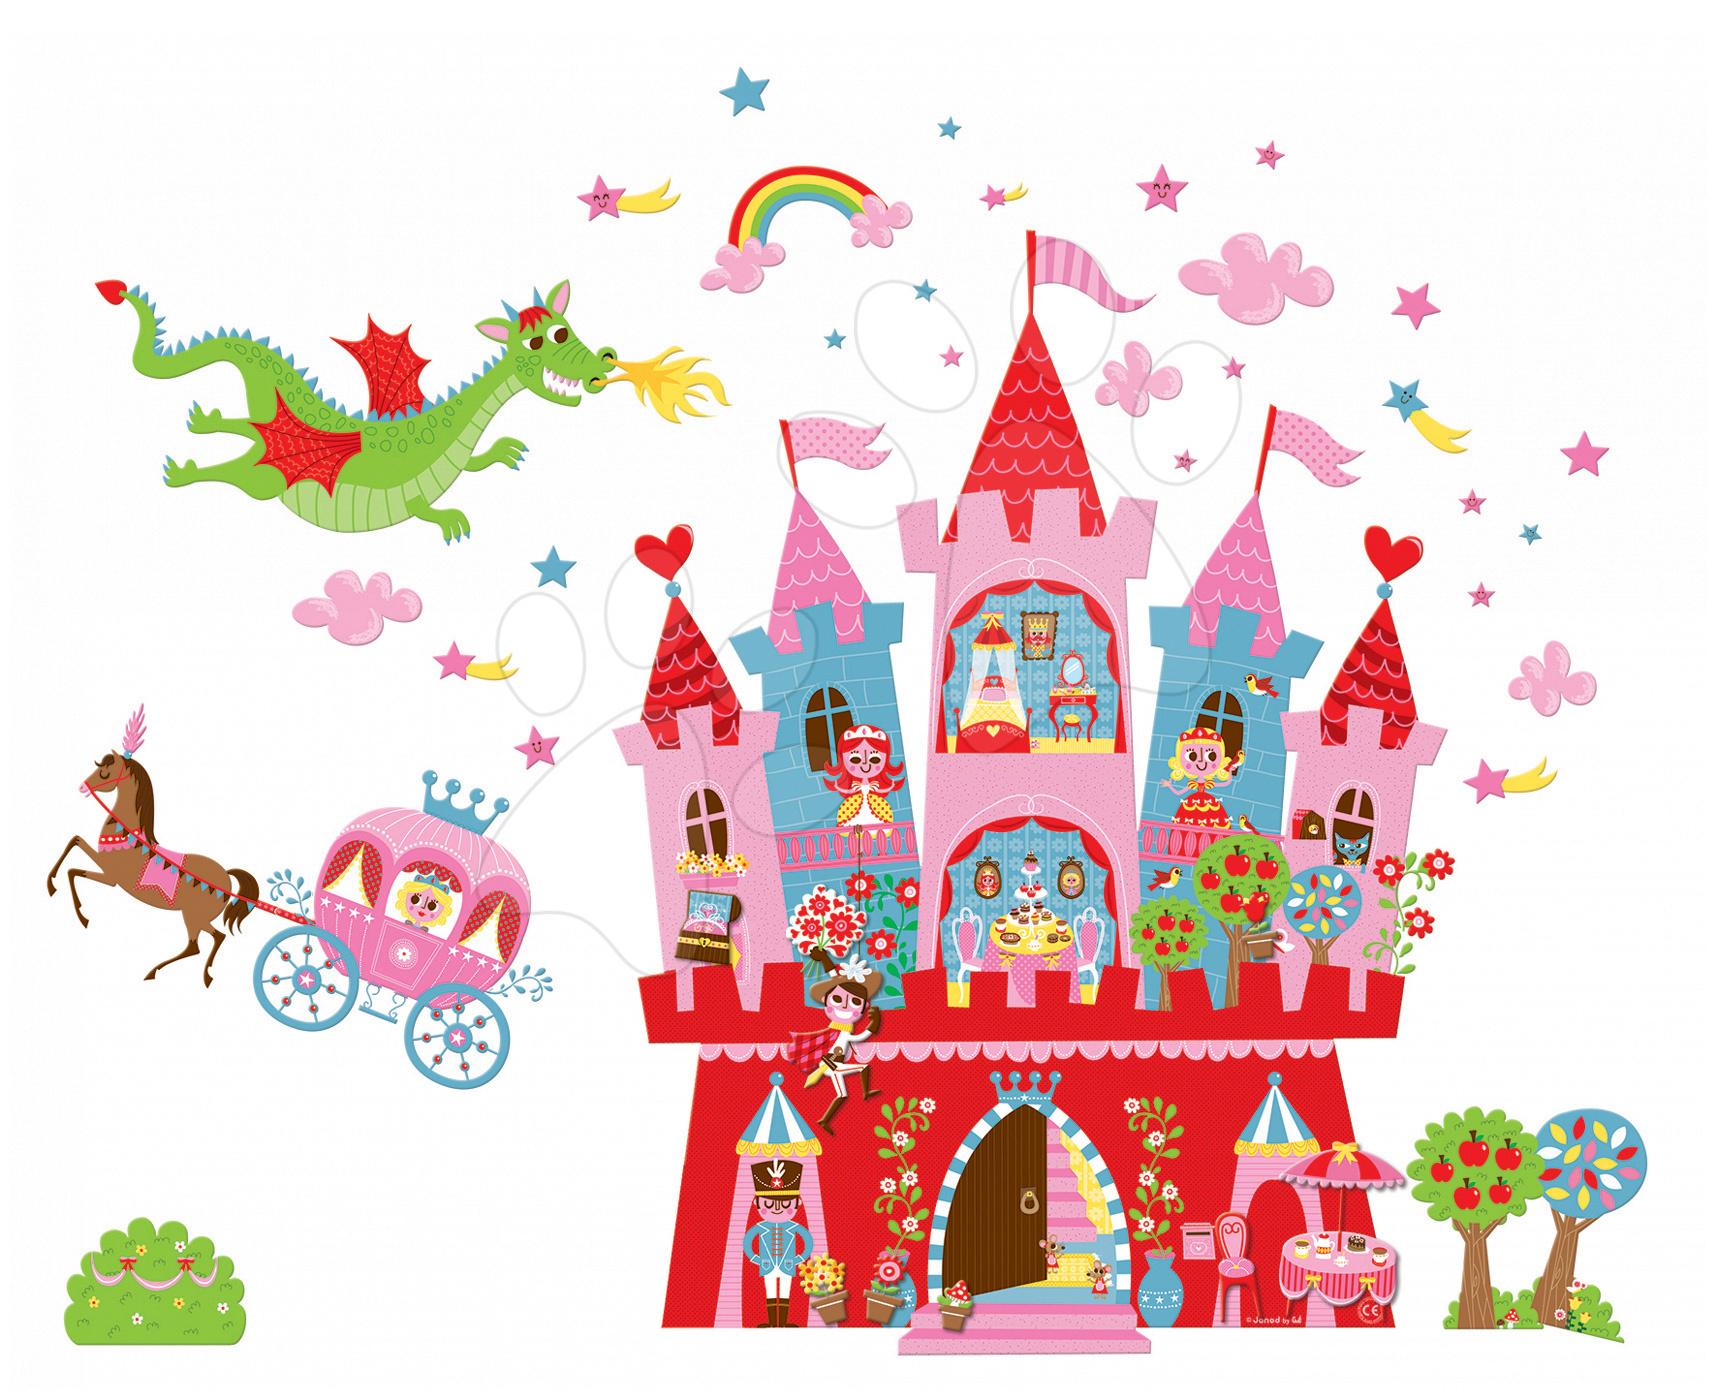 Magnetky pre deti - Magnetická dekorácia do detskej izby Princess Magneti' Stick Janod od 3 rokov